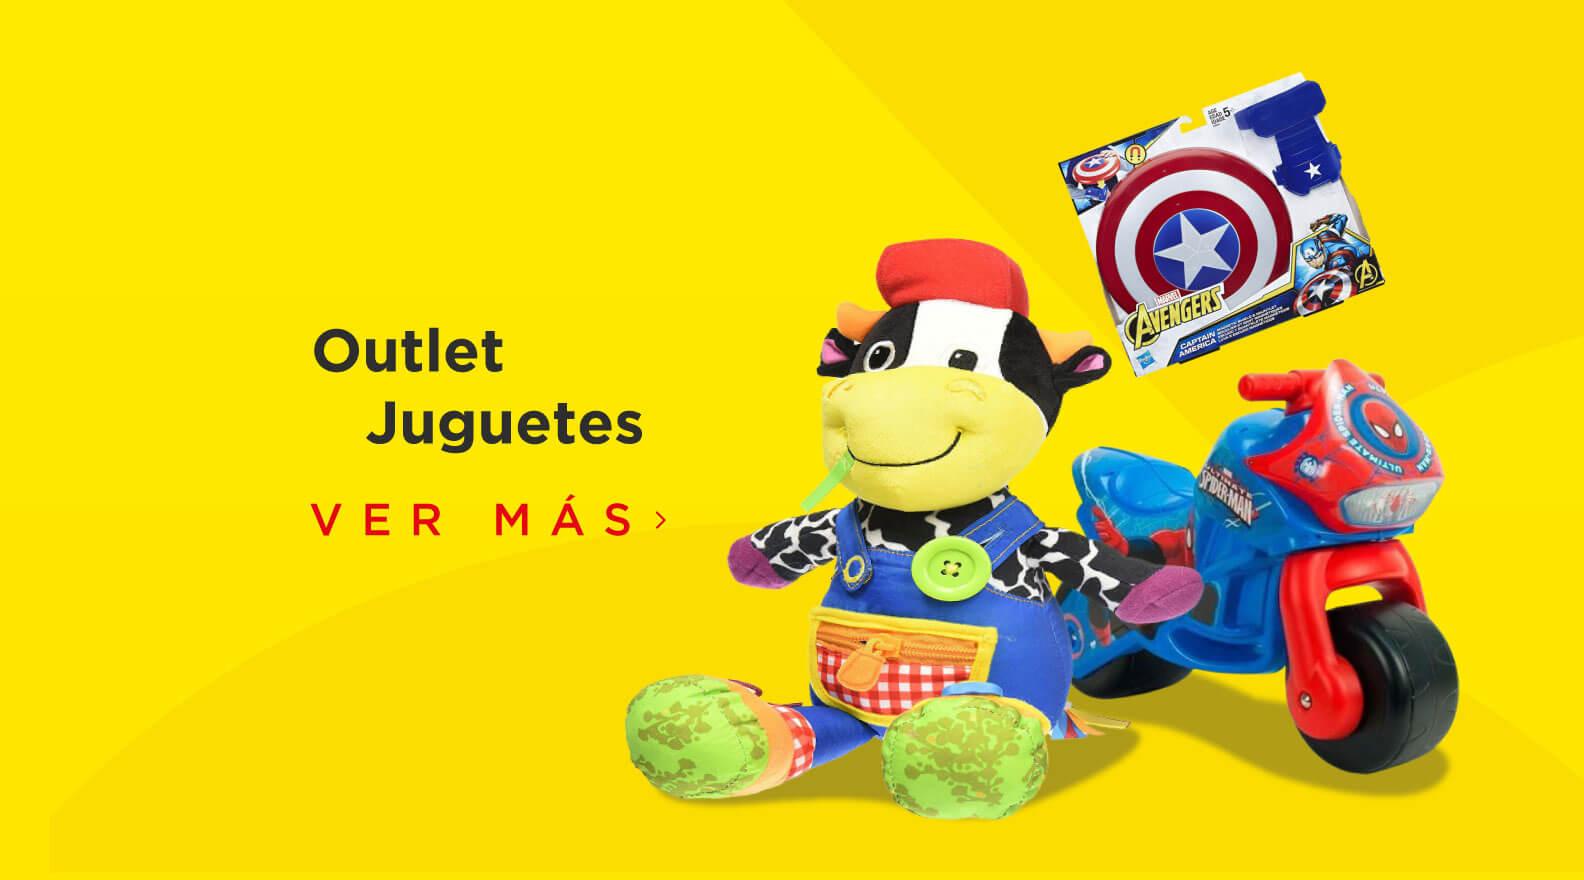 Outlet de juguetes para niños y niñas, encuentra variedad de muñecas, muñecos de acción y todo para la diversión de tus hijos.